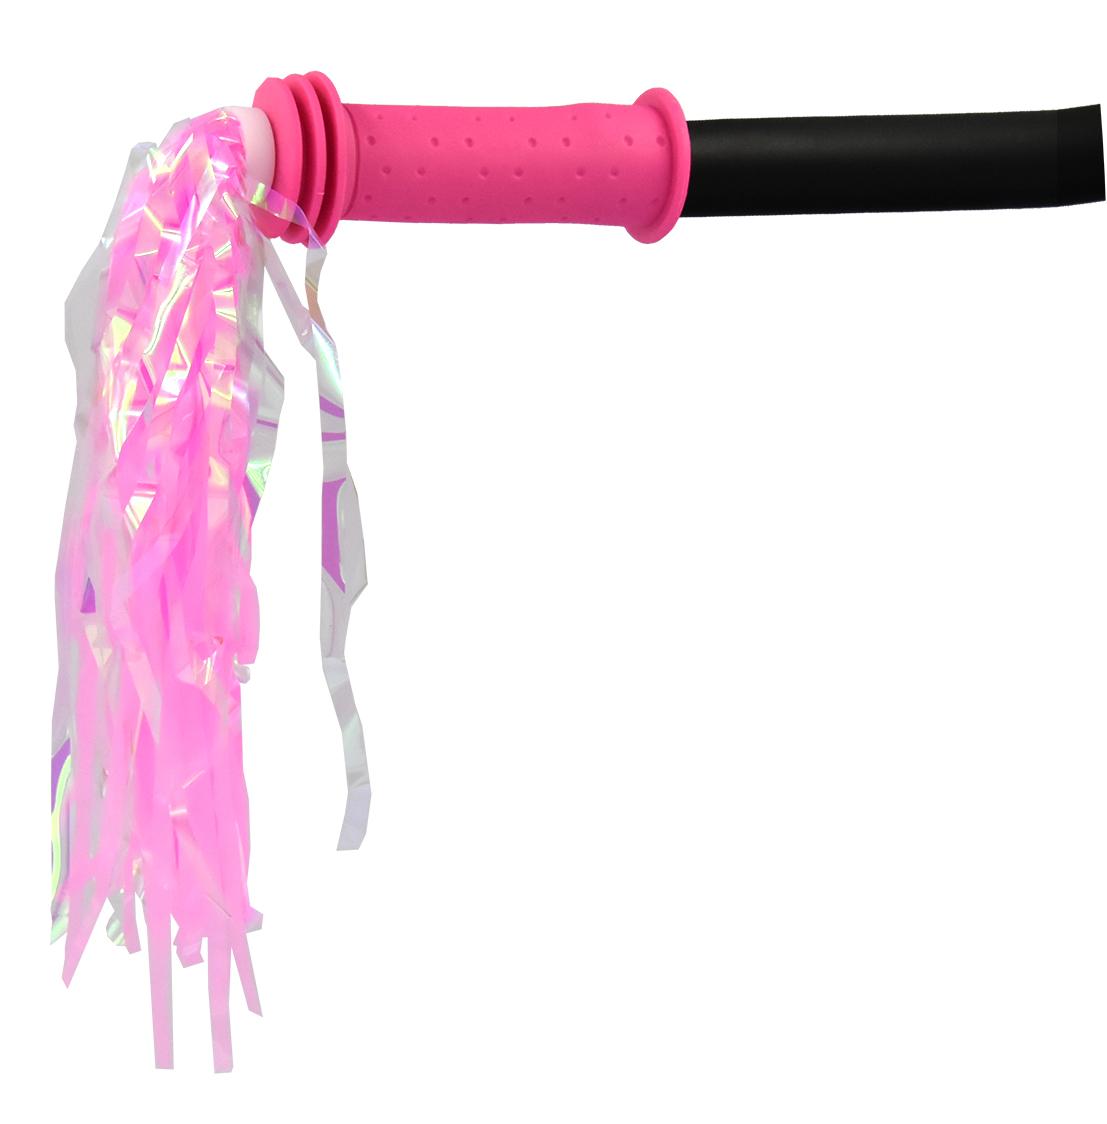 třásně na řiditka PROFIL HL-522 růžové